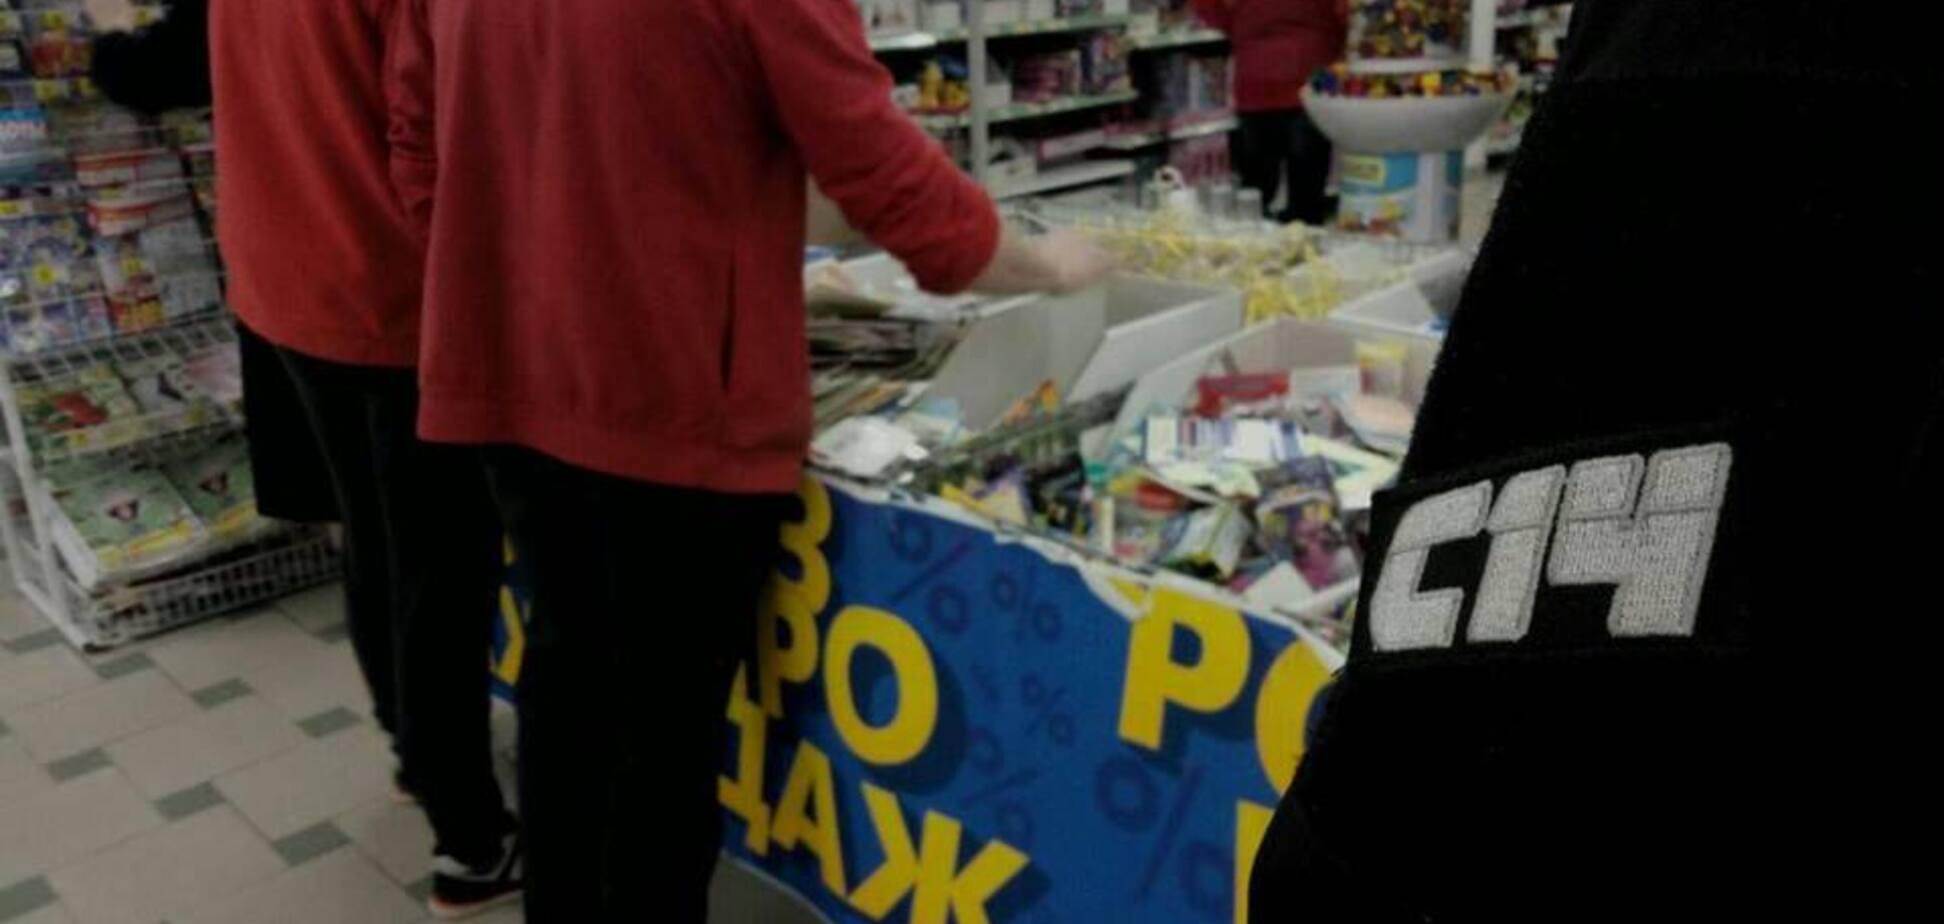 С триколором и 'колорадкой': в Днепре супермаркет 'поздравлял' всех с 23 февраля